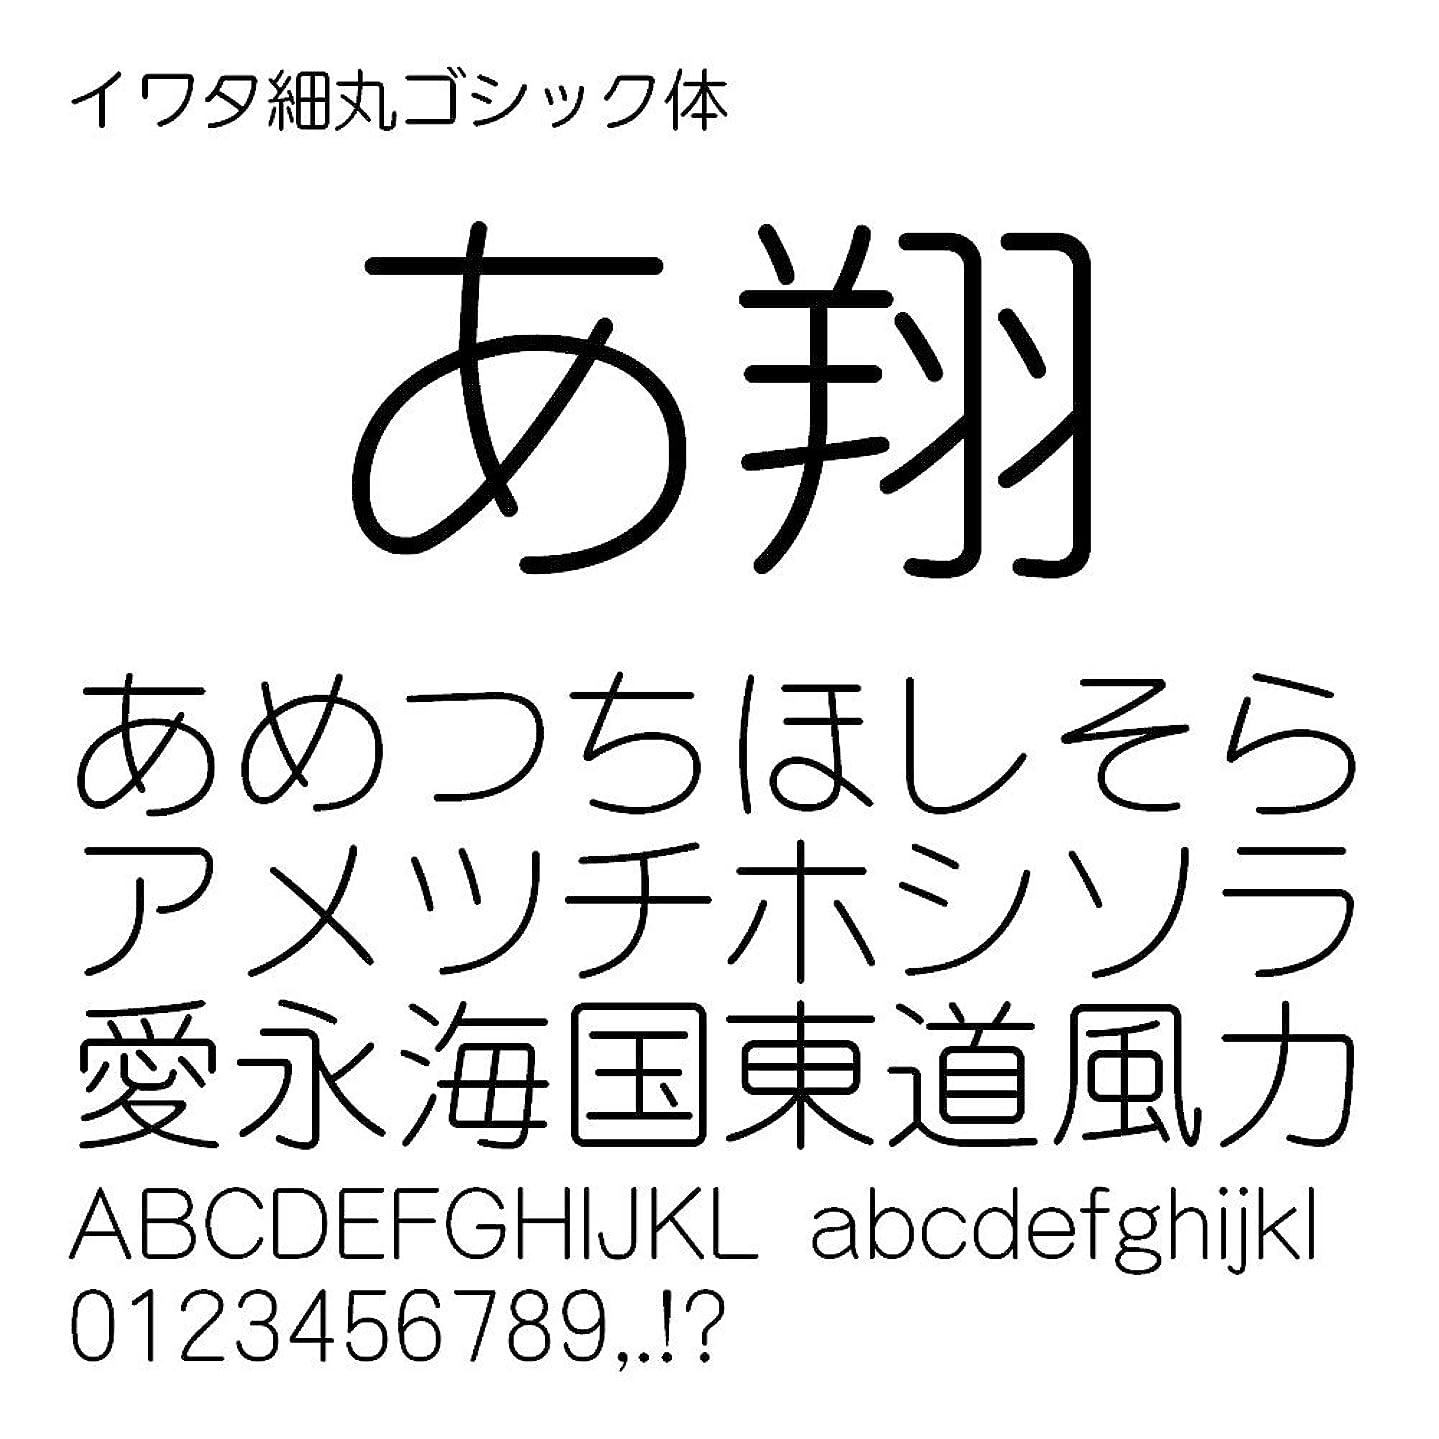 服おなじみの充実イワタ細丸ゴシック体Pro OpenType Font for Windows [ダウンロード]